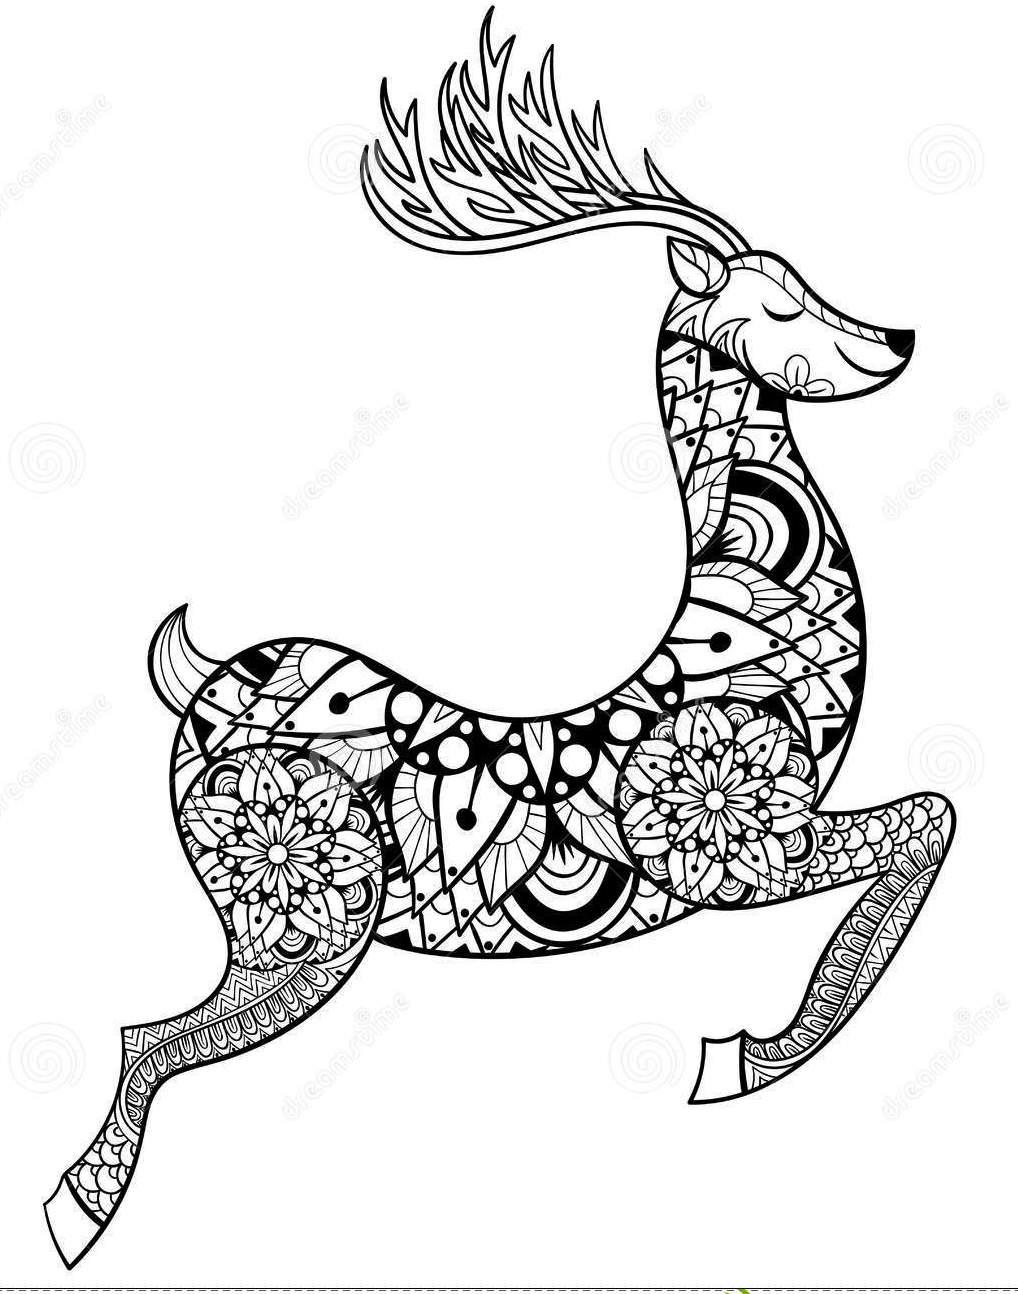 zentangle-vector-reindeer-coloring-pages